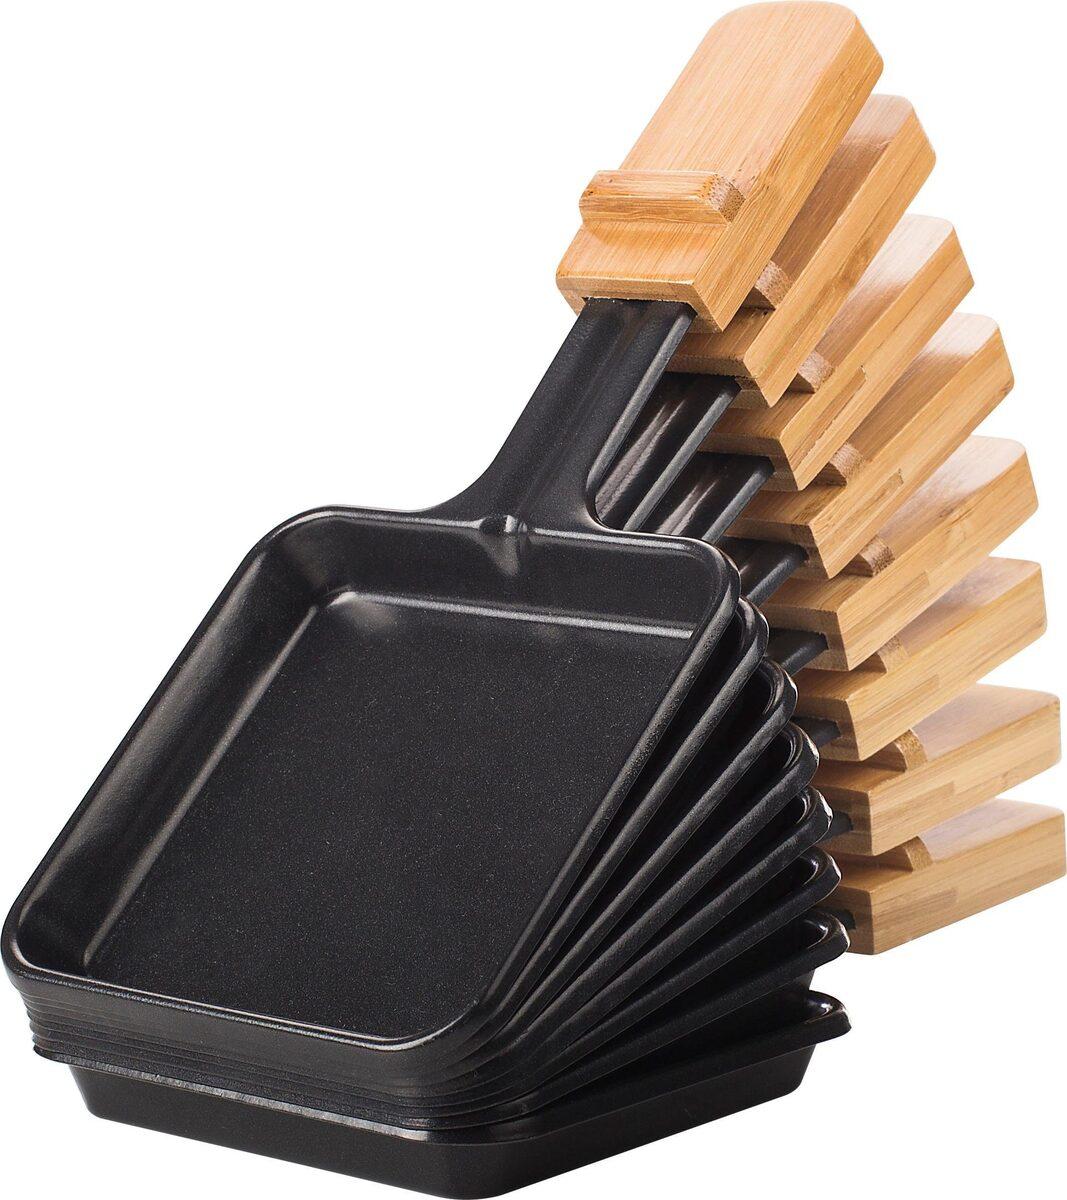 Bild 4 von PRINCESS Raclette Pure 8 01.162910.01.001, 8 Raclettepfännchen, 1200 W